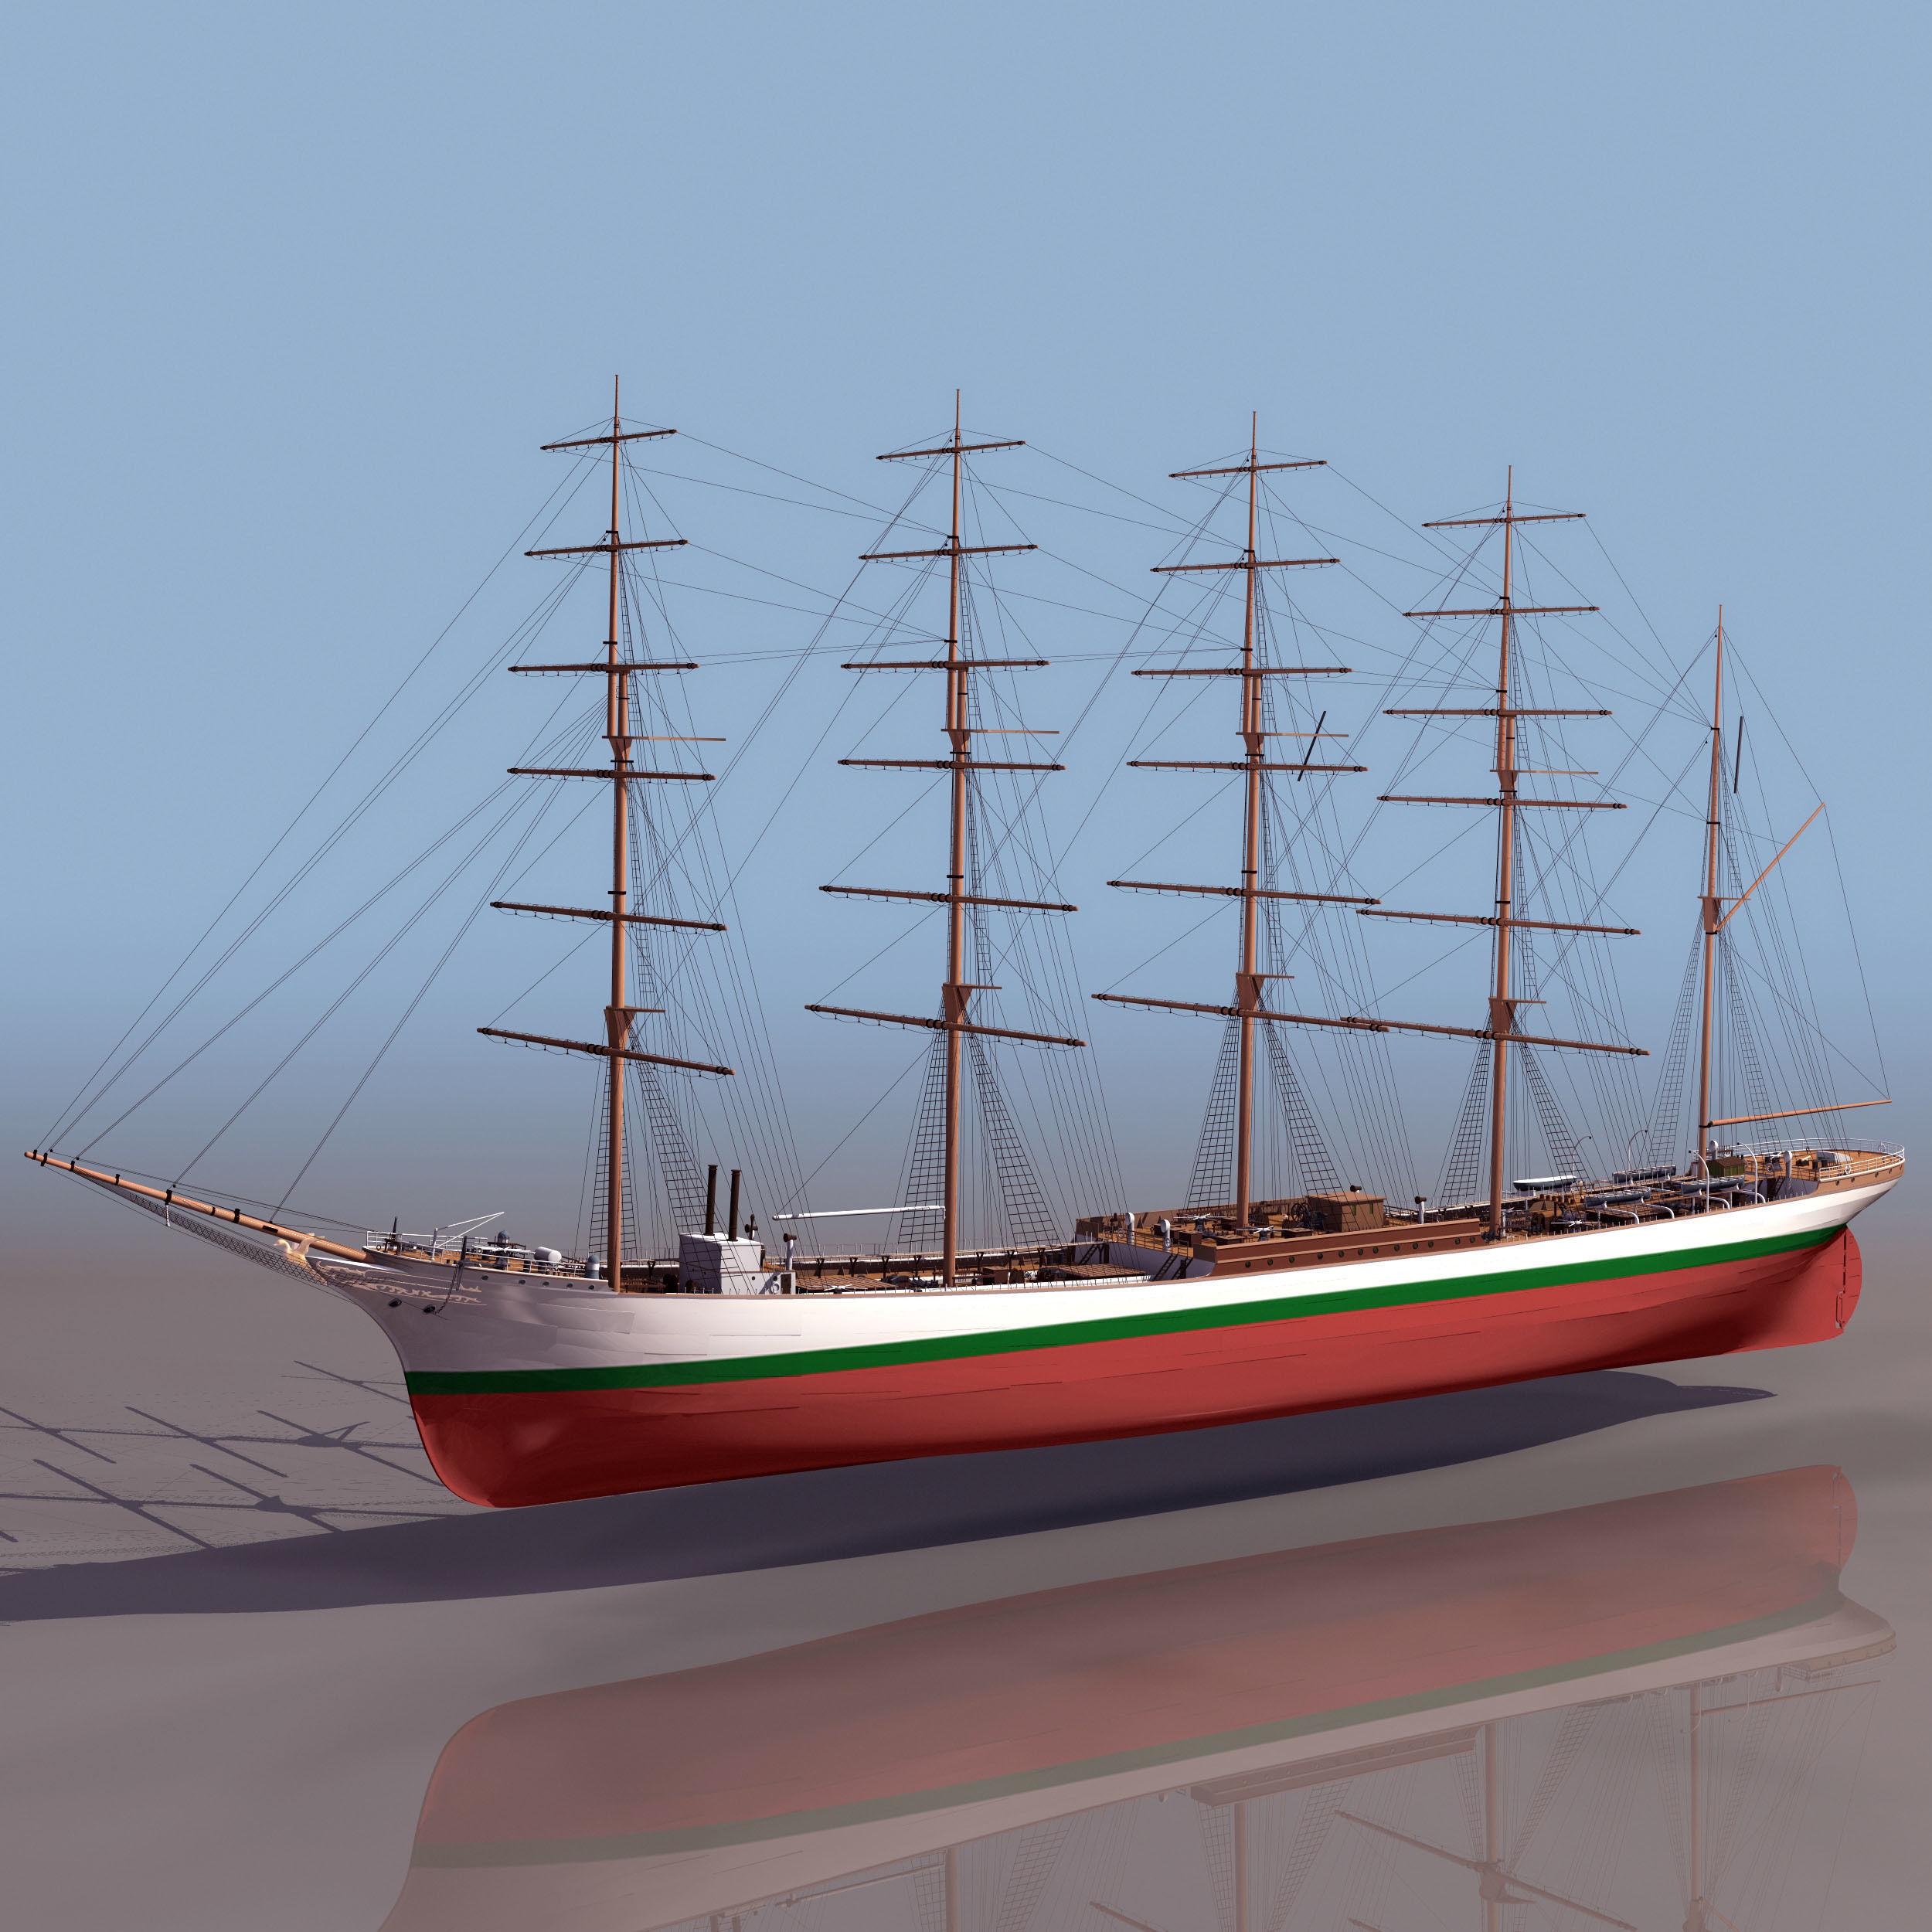 Big Historical Old Wooden Sailing Boat 3d Model